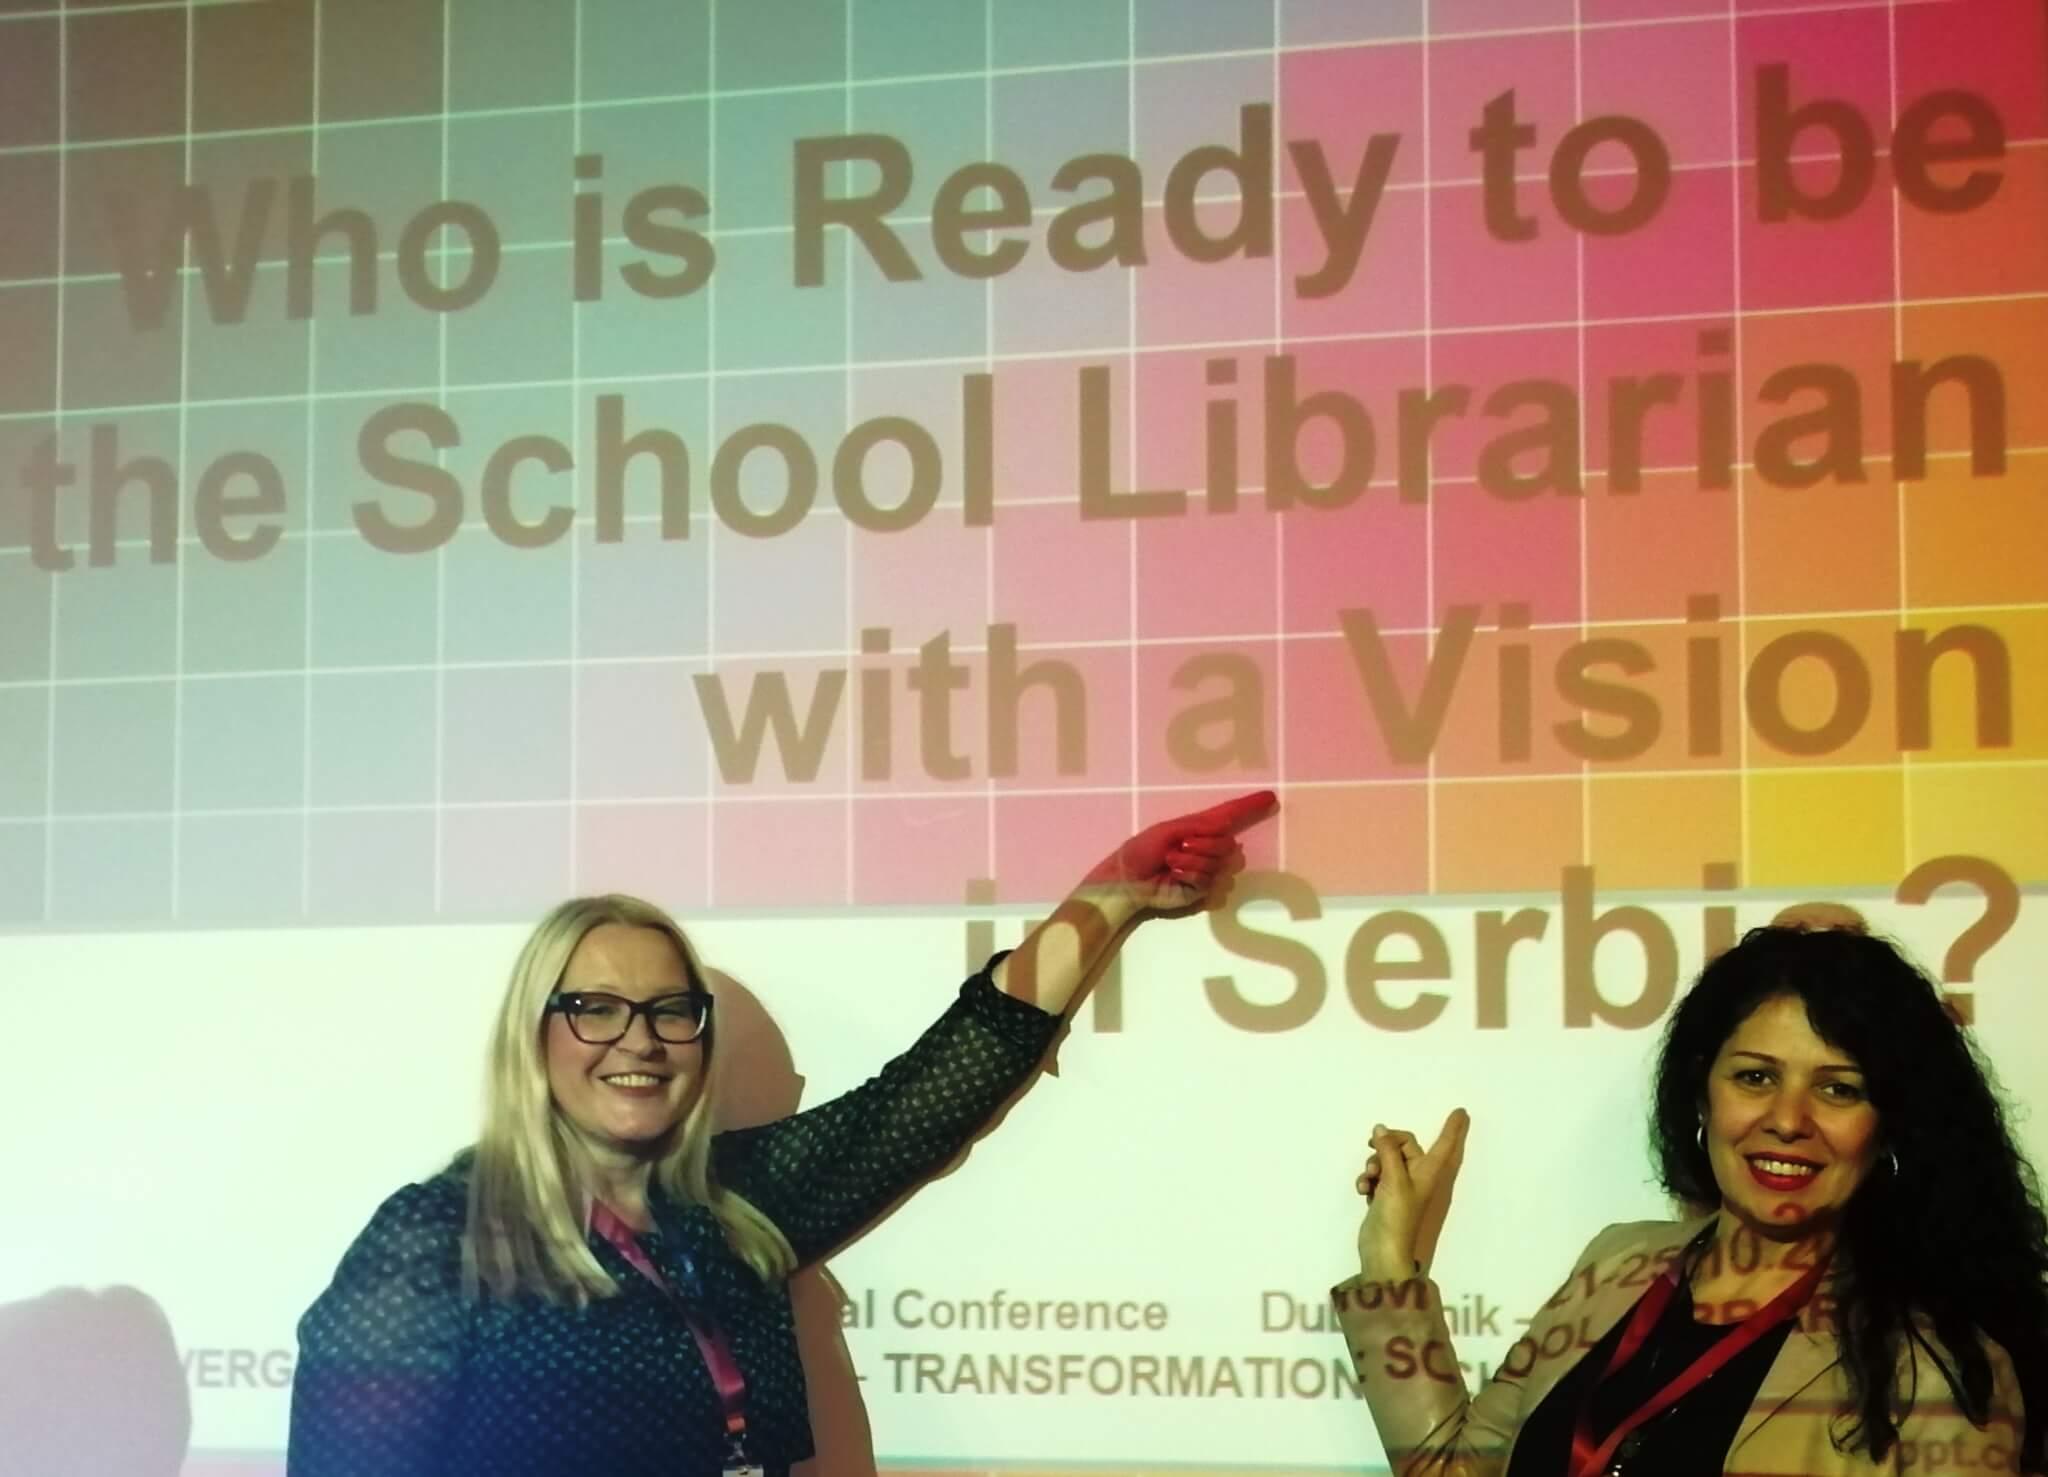 Снага визије школских библиотекара чланова БДС